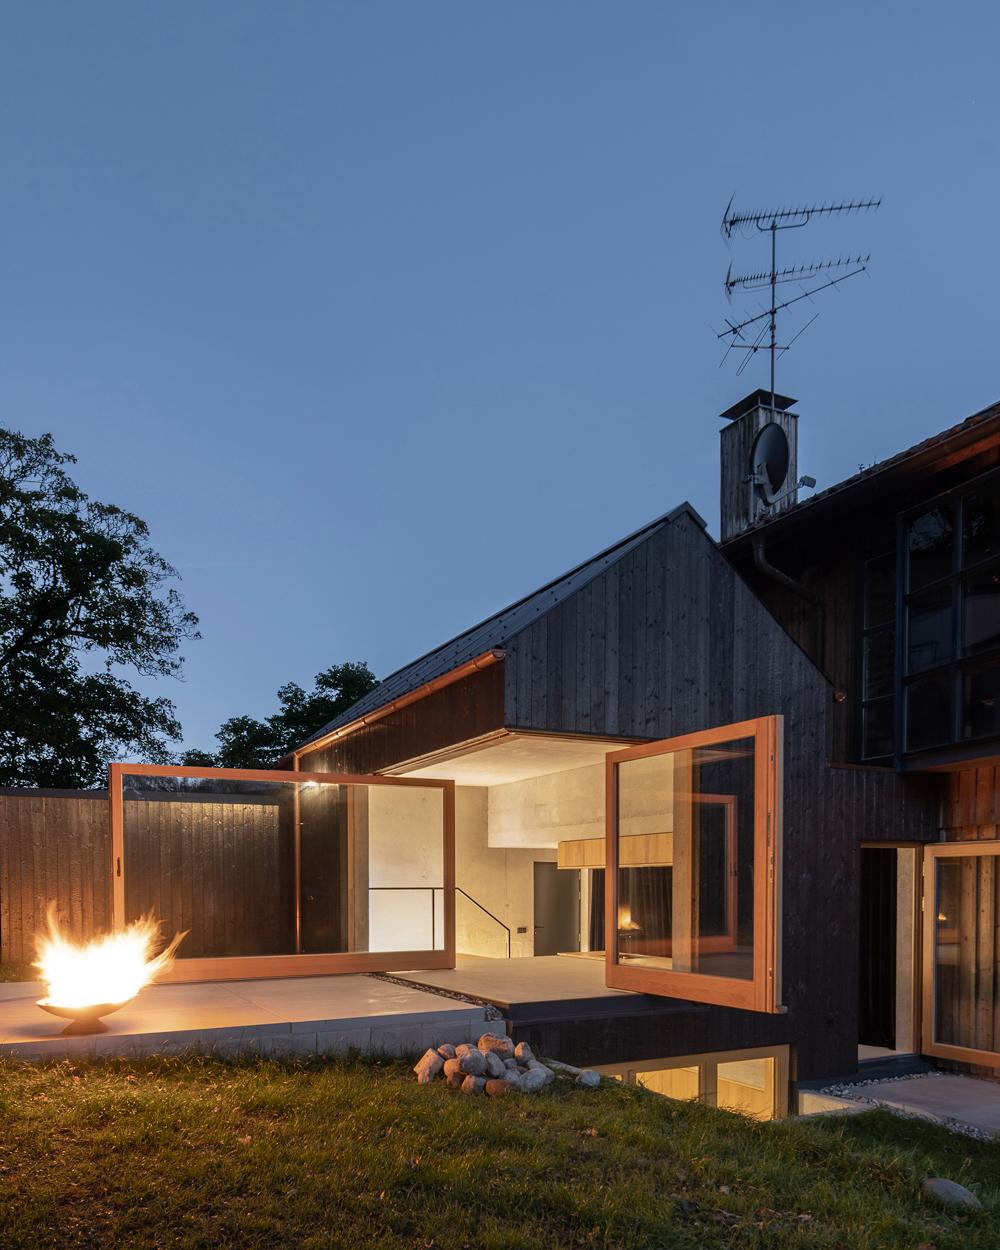 Buero Wagner Architecture